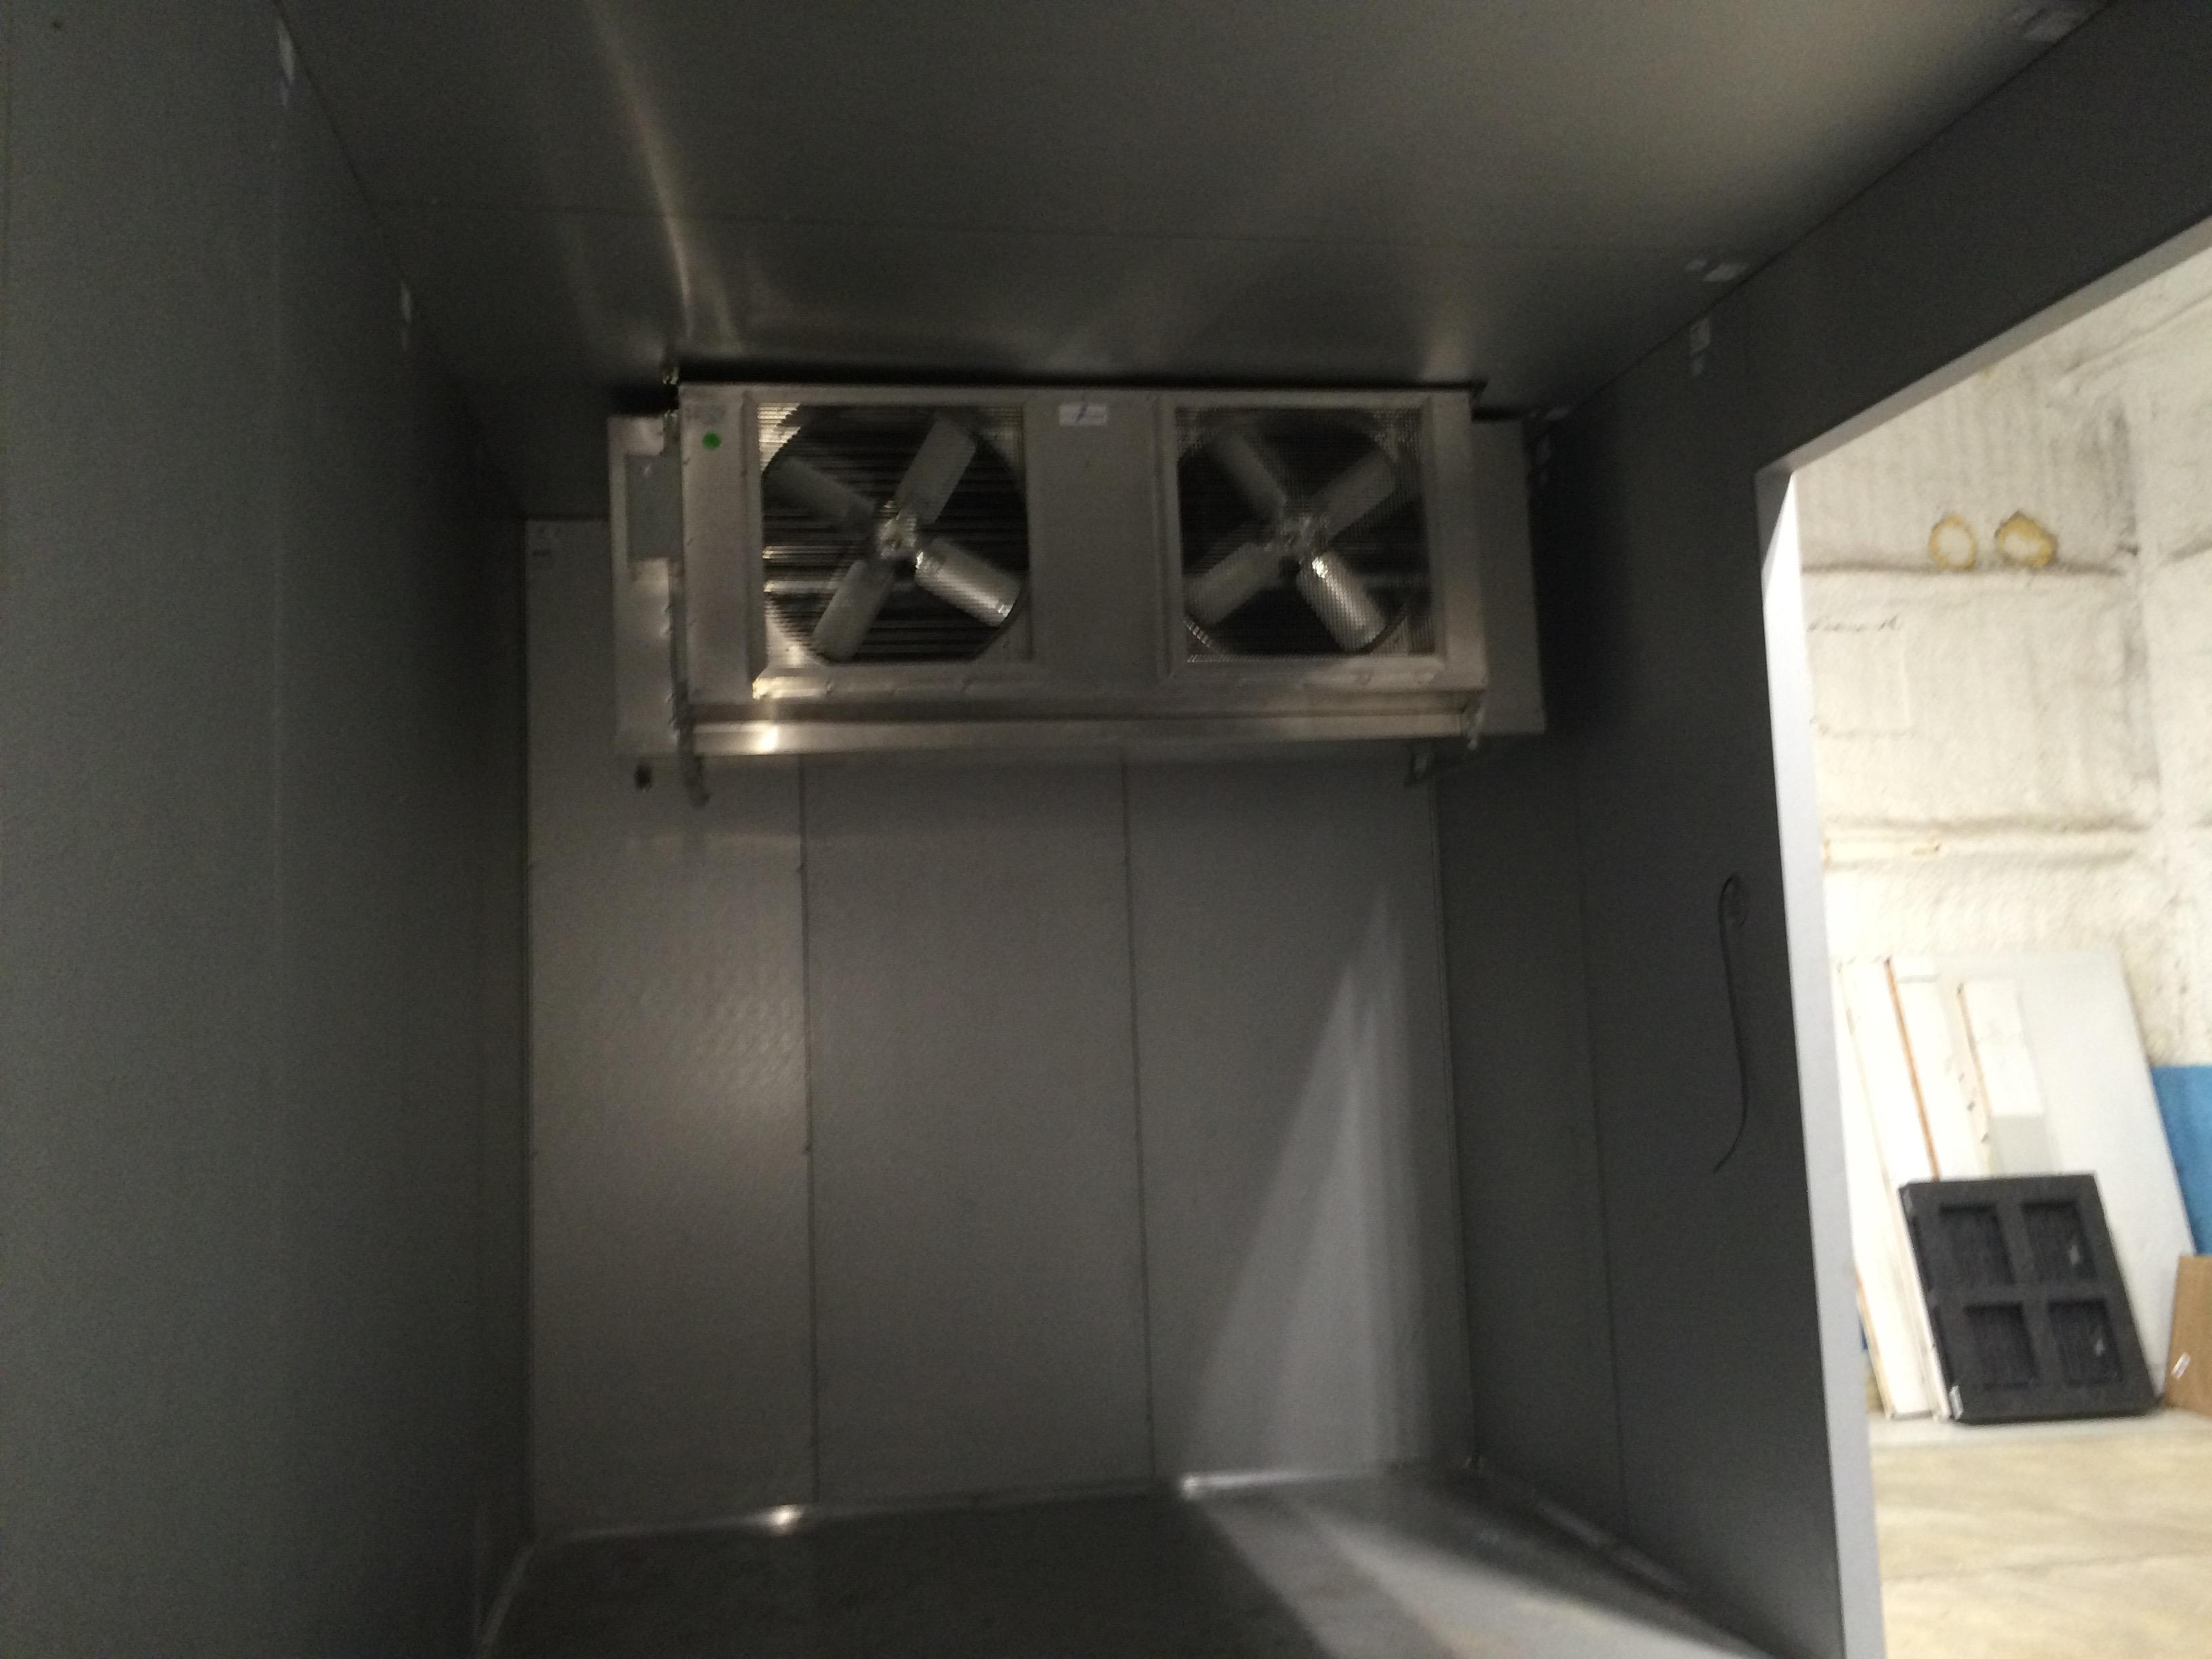 Evaporator In